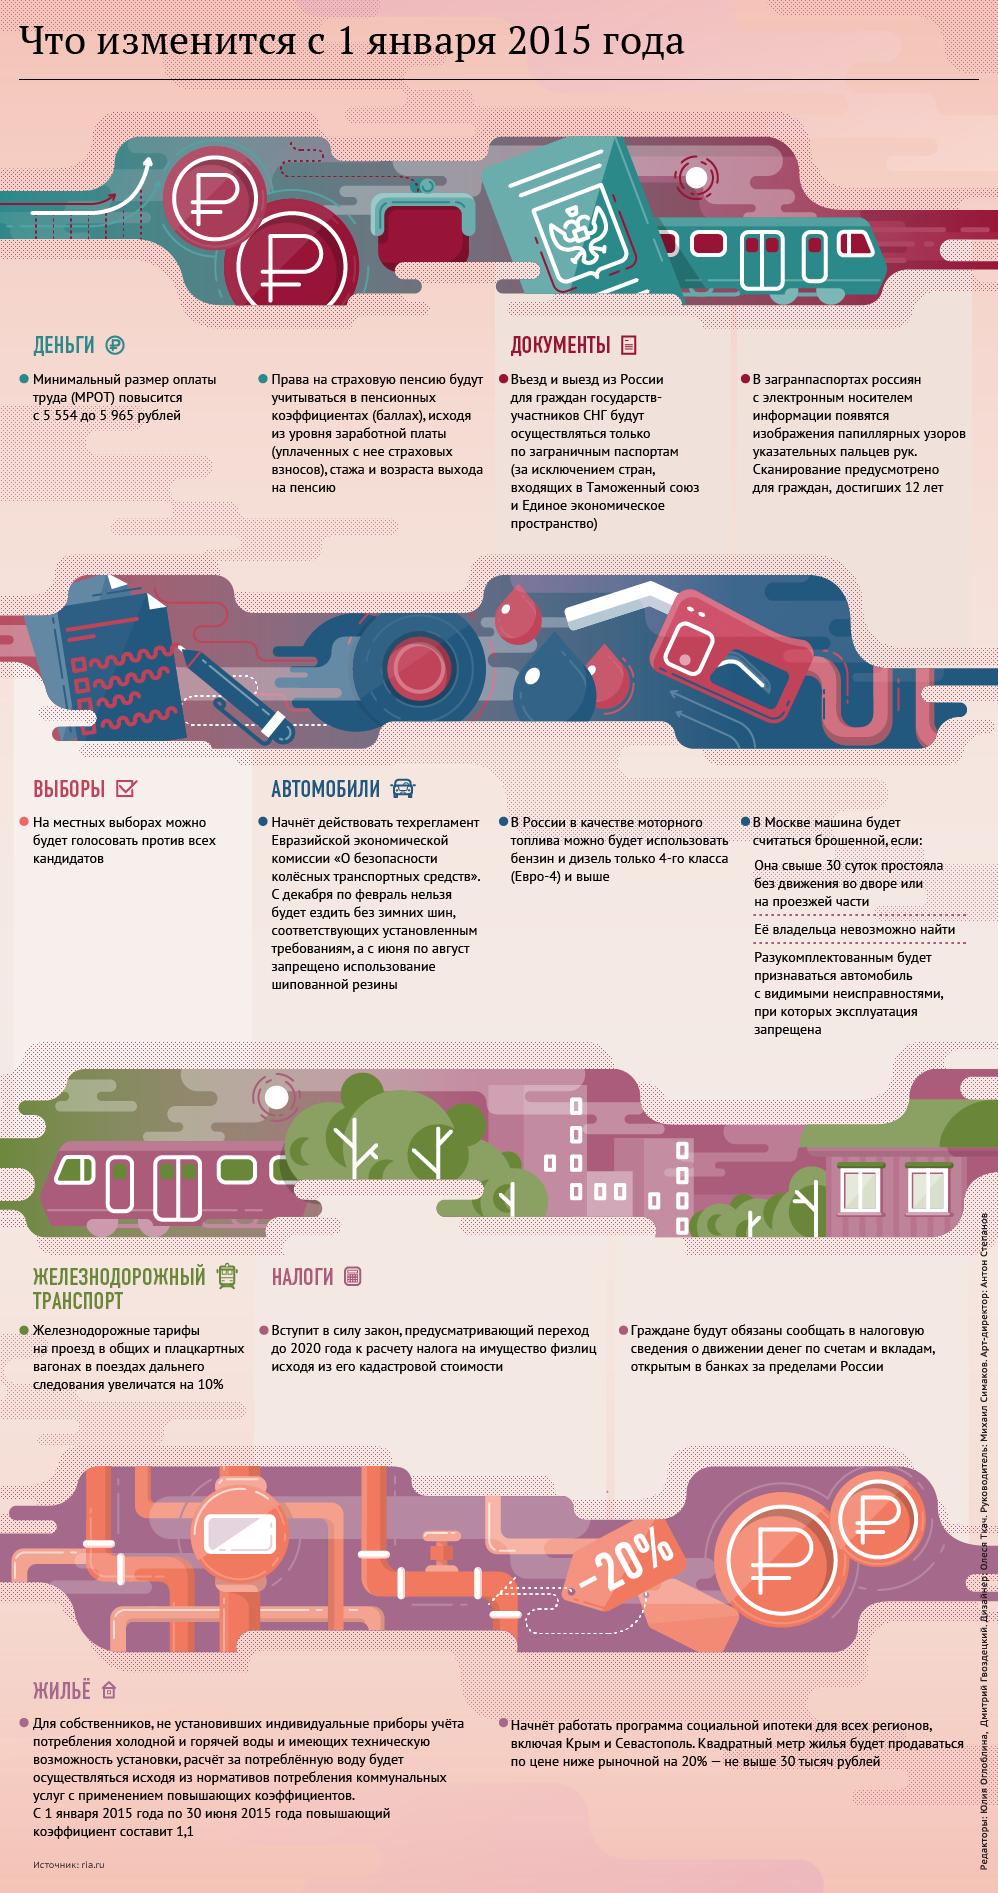 В новом 2015 году Россиян ожидают изменения